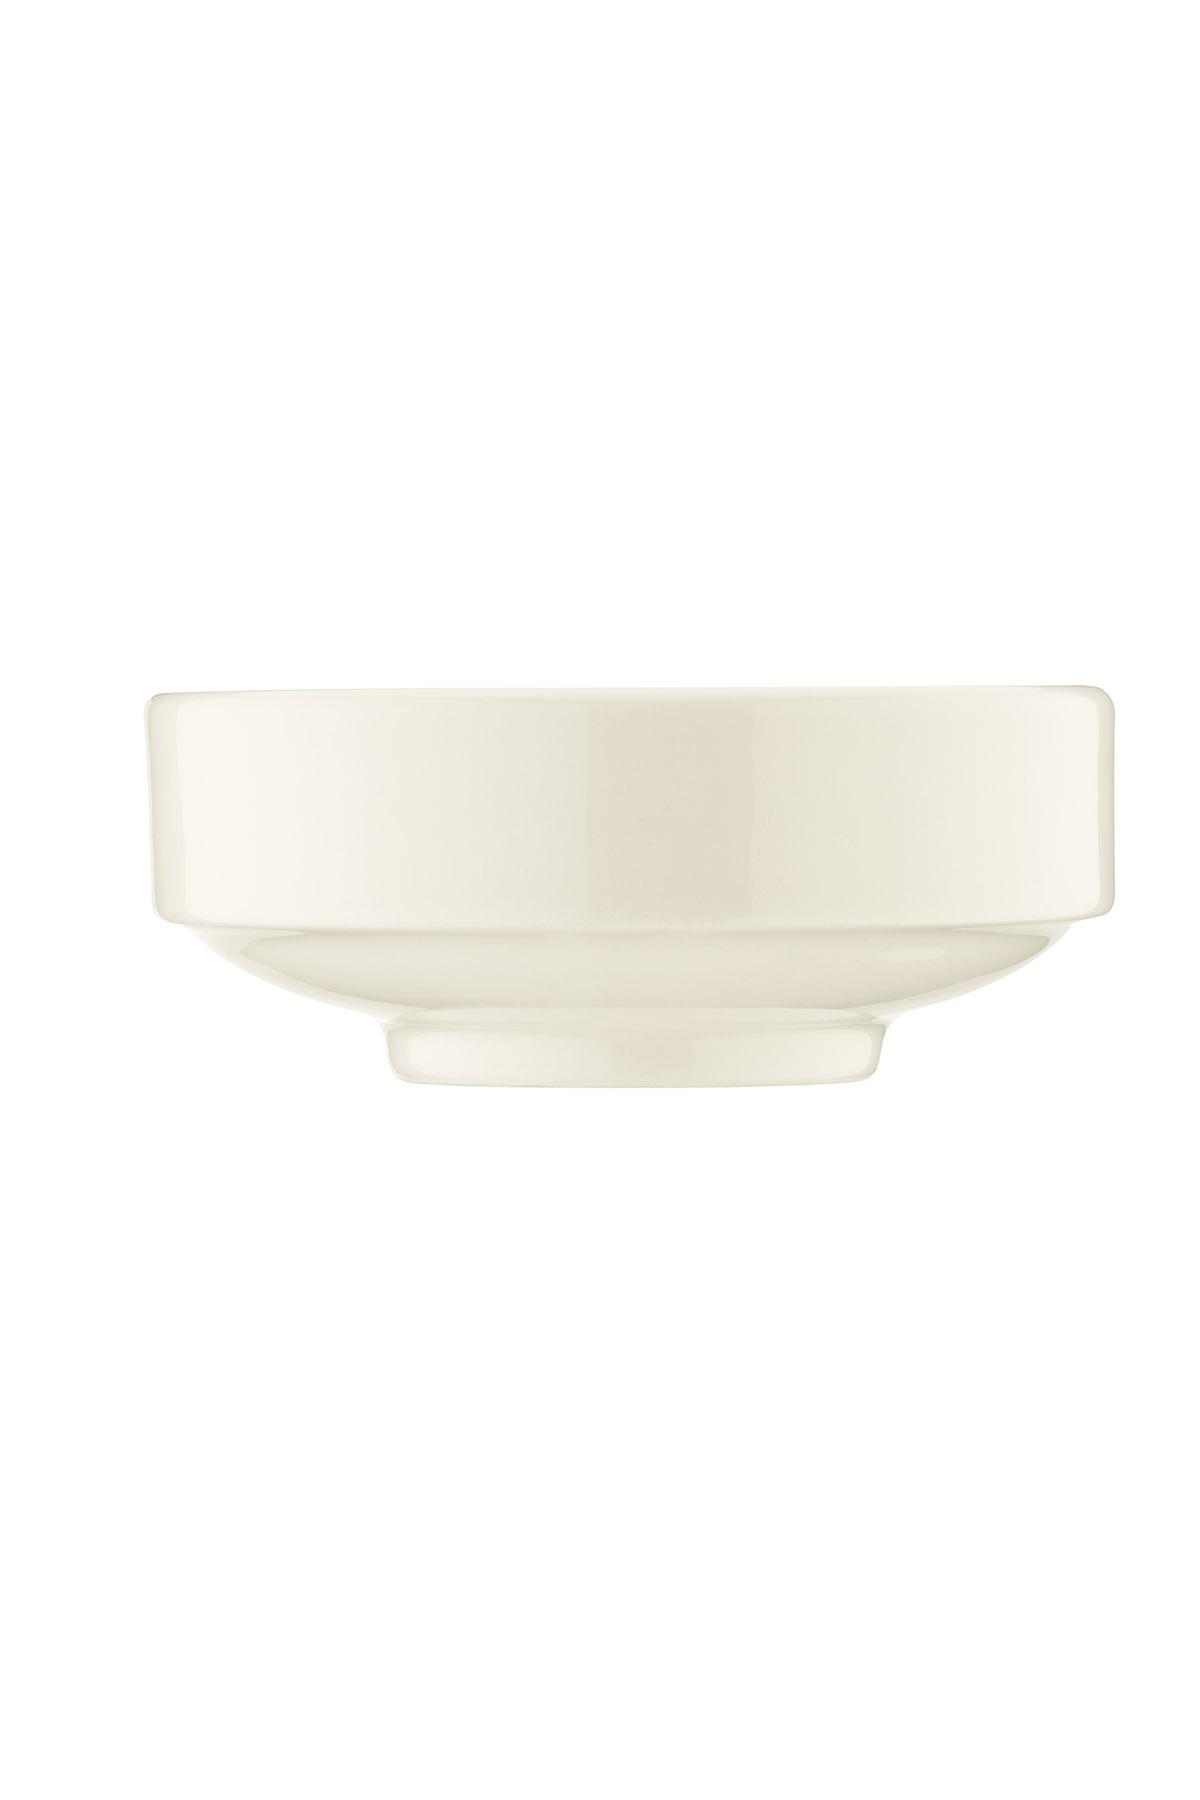 Kütahya Porselen - Kütahya Porselen Chef Taste Of 23 cm Kase Krem